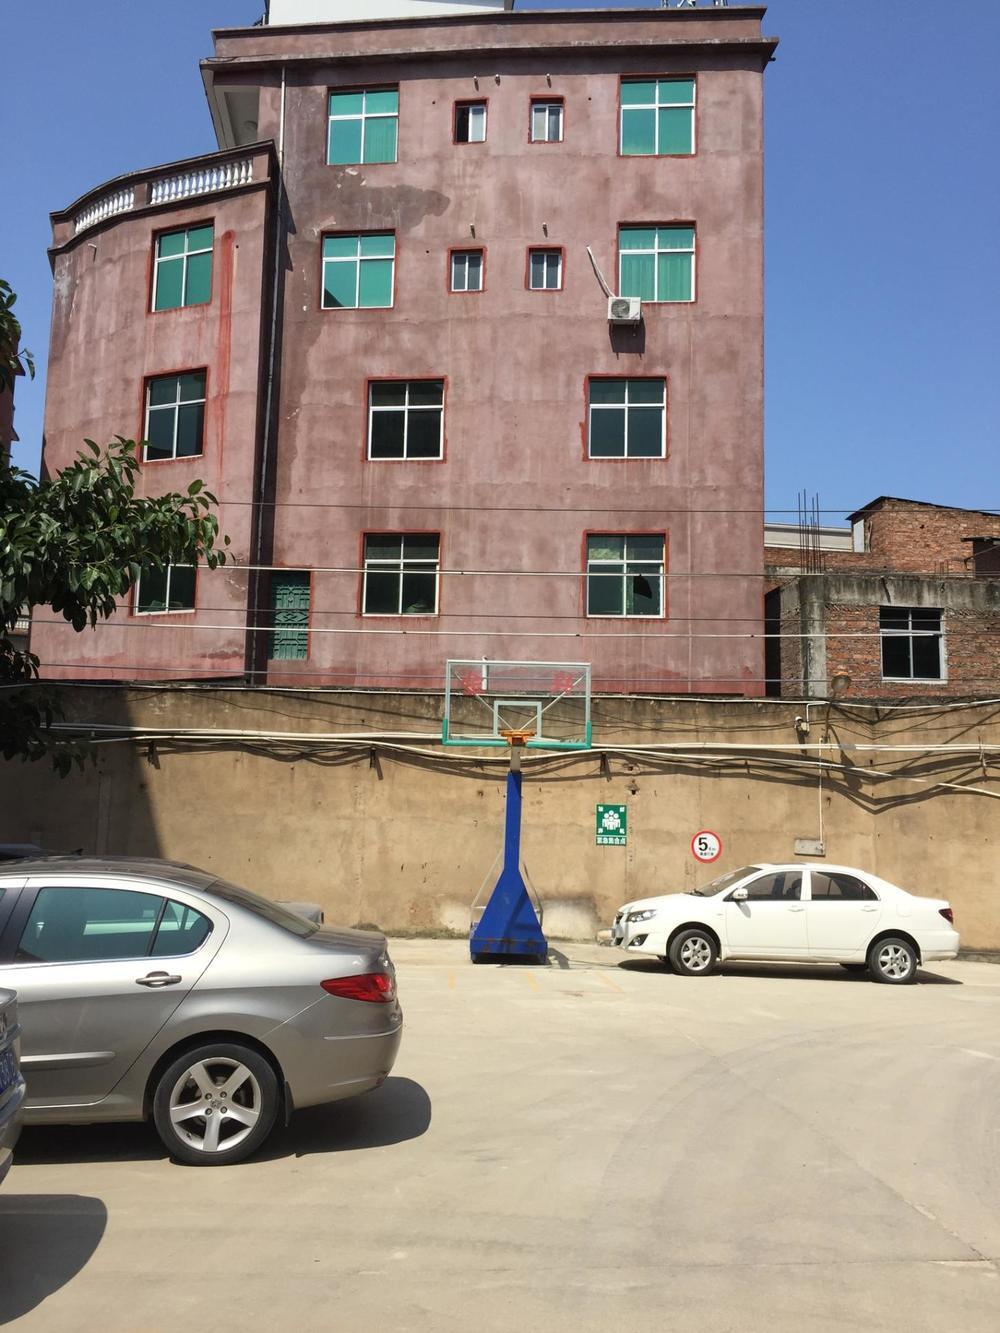 @IslideJanitor in China